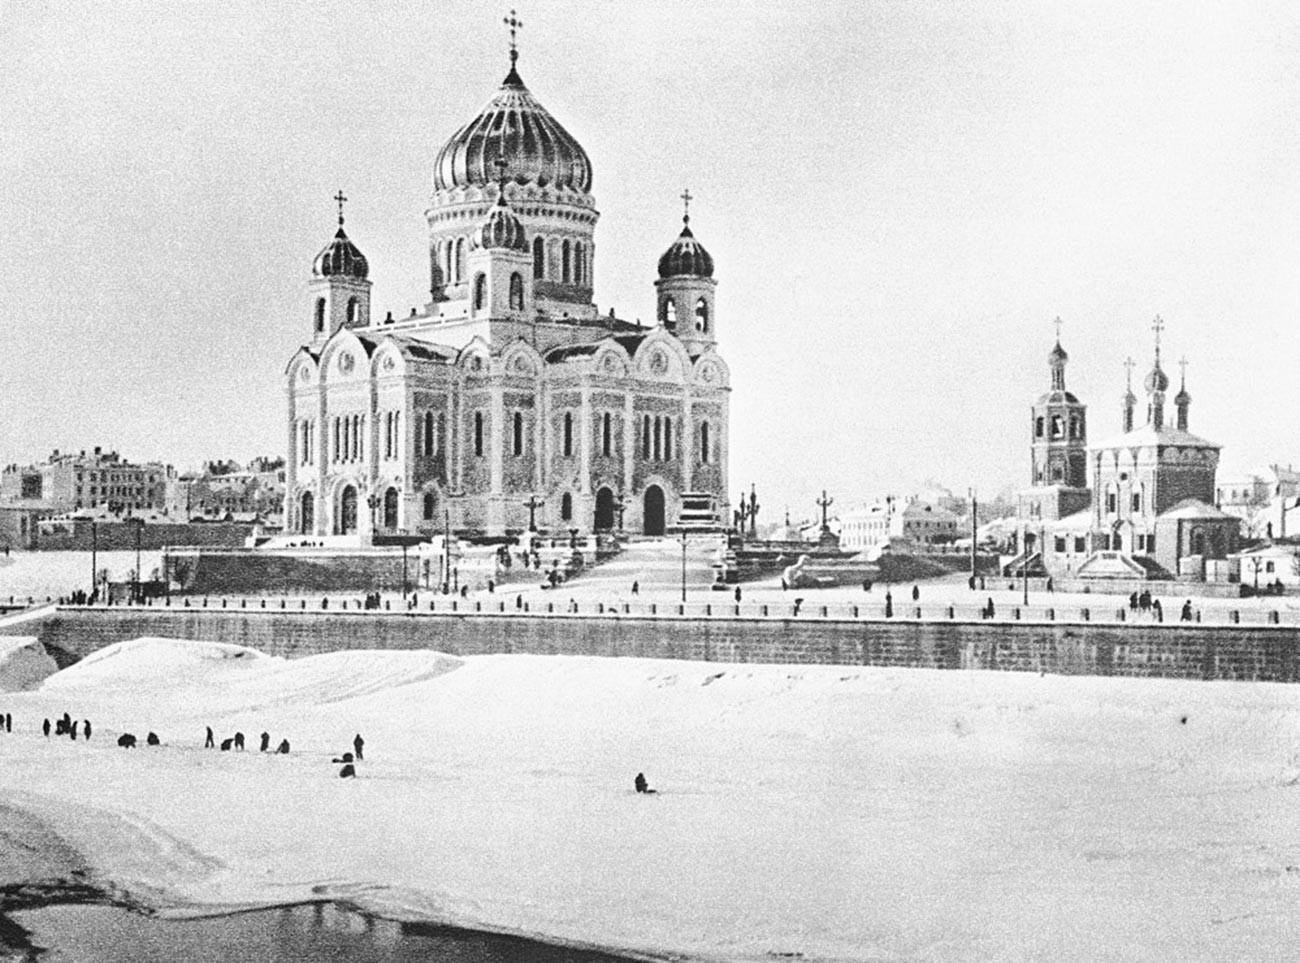 Наум Грановски. Храм Христа Спаситеља, подигнут поводом победе у Отаџбинском рату 1812. године. 1927.